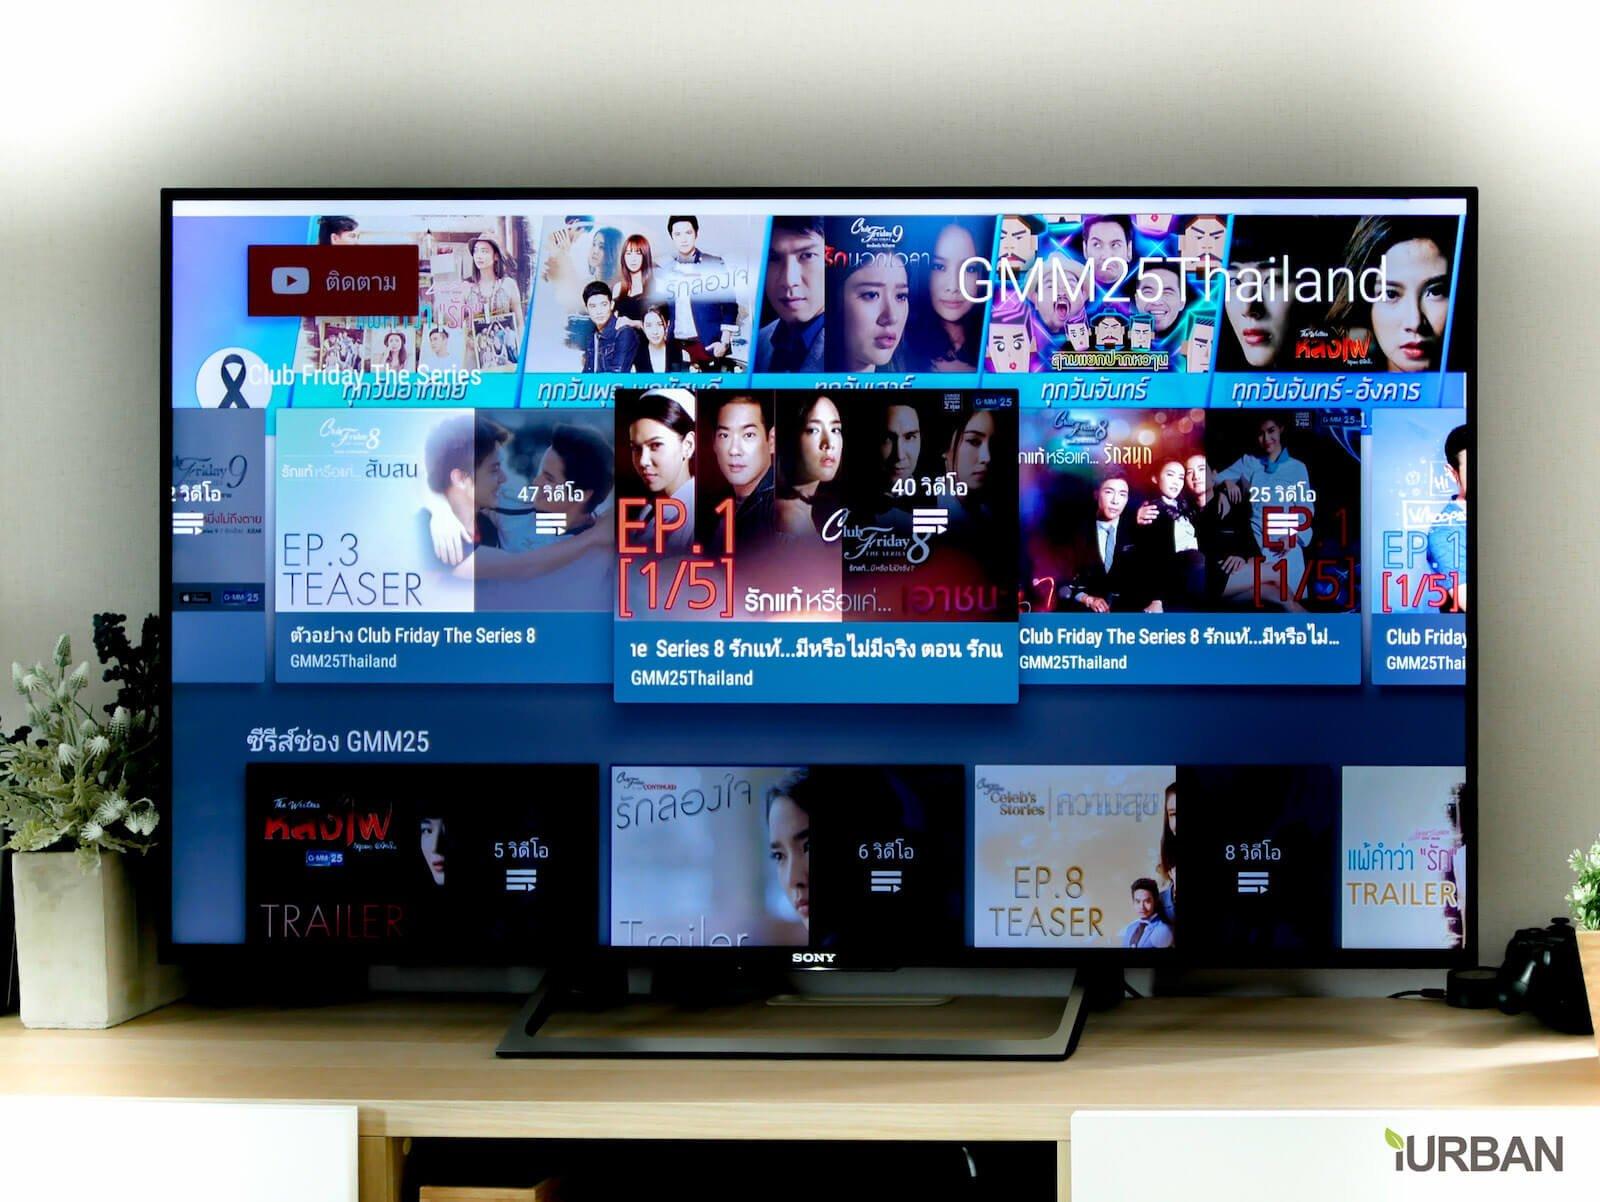 SONY X8500E 4K-HDR Android TV นวัตกรรมที่จะเปลี่ยนชีวิตกับทีวี ให้ไม่เหมือนเดิมอีกต่อไป 48 - Android